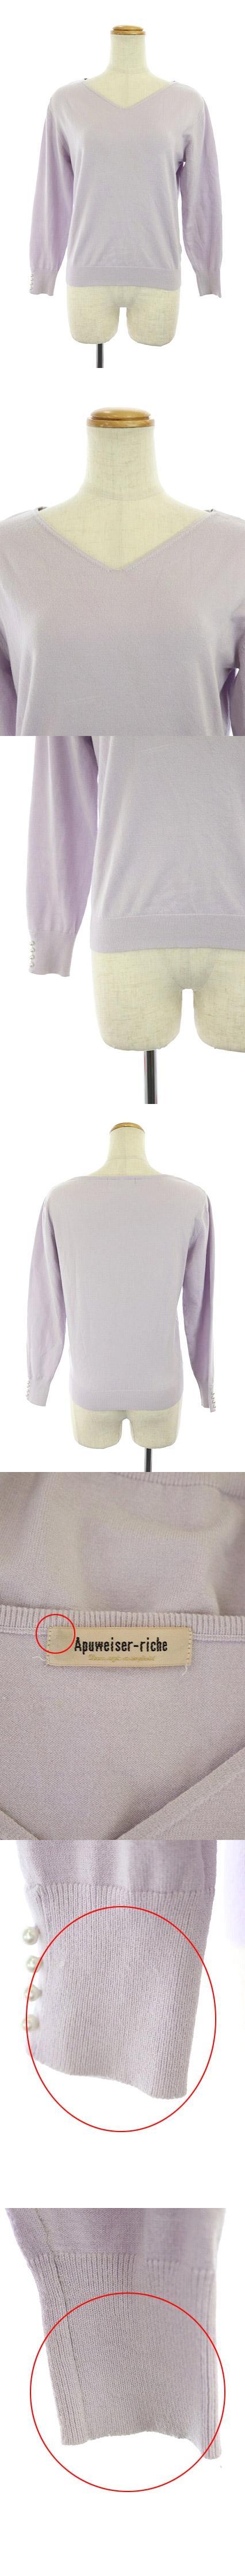 18SS ゆるVニット セーター Vネック 長袖 2 紫 パープル /AO ■OS